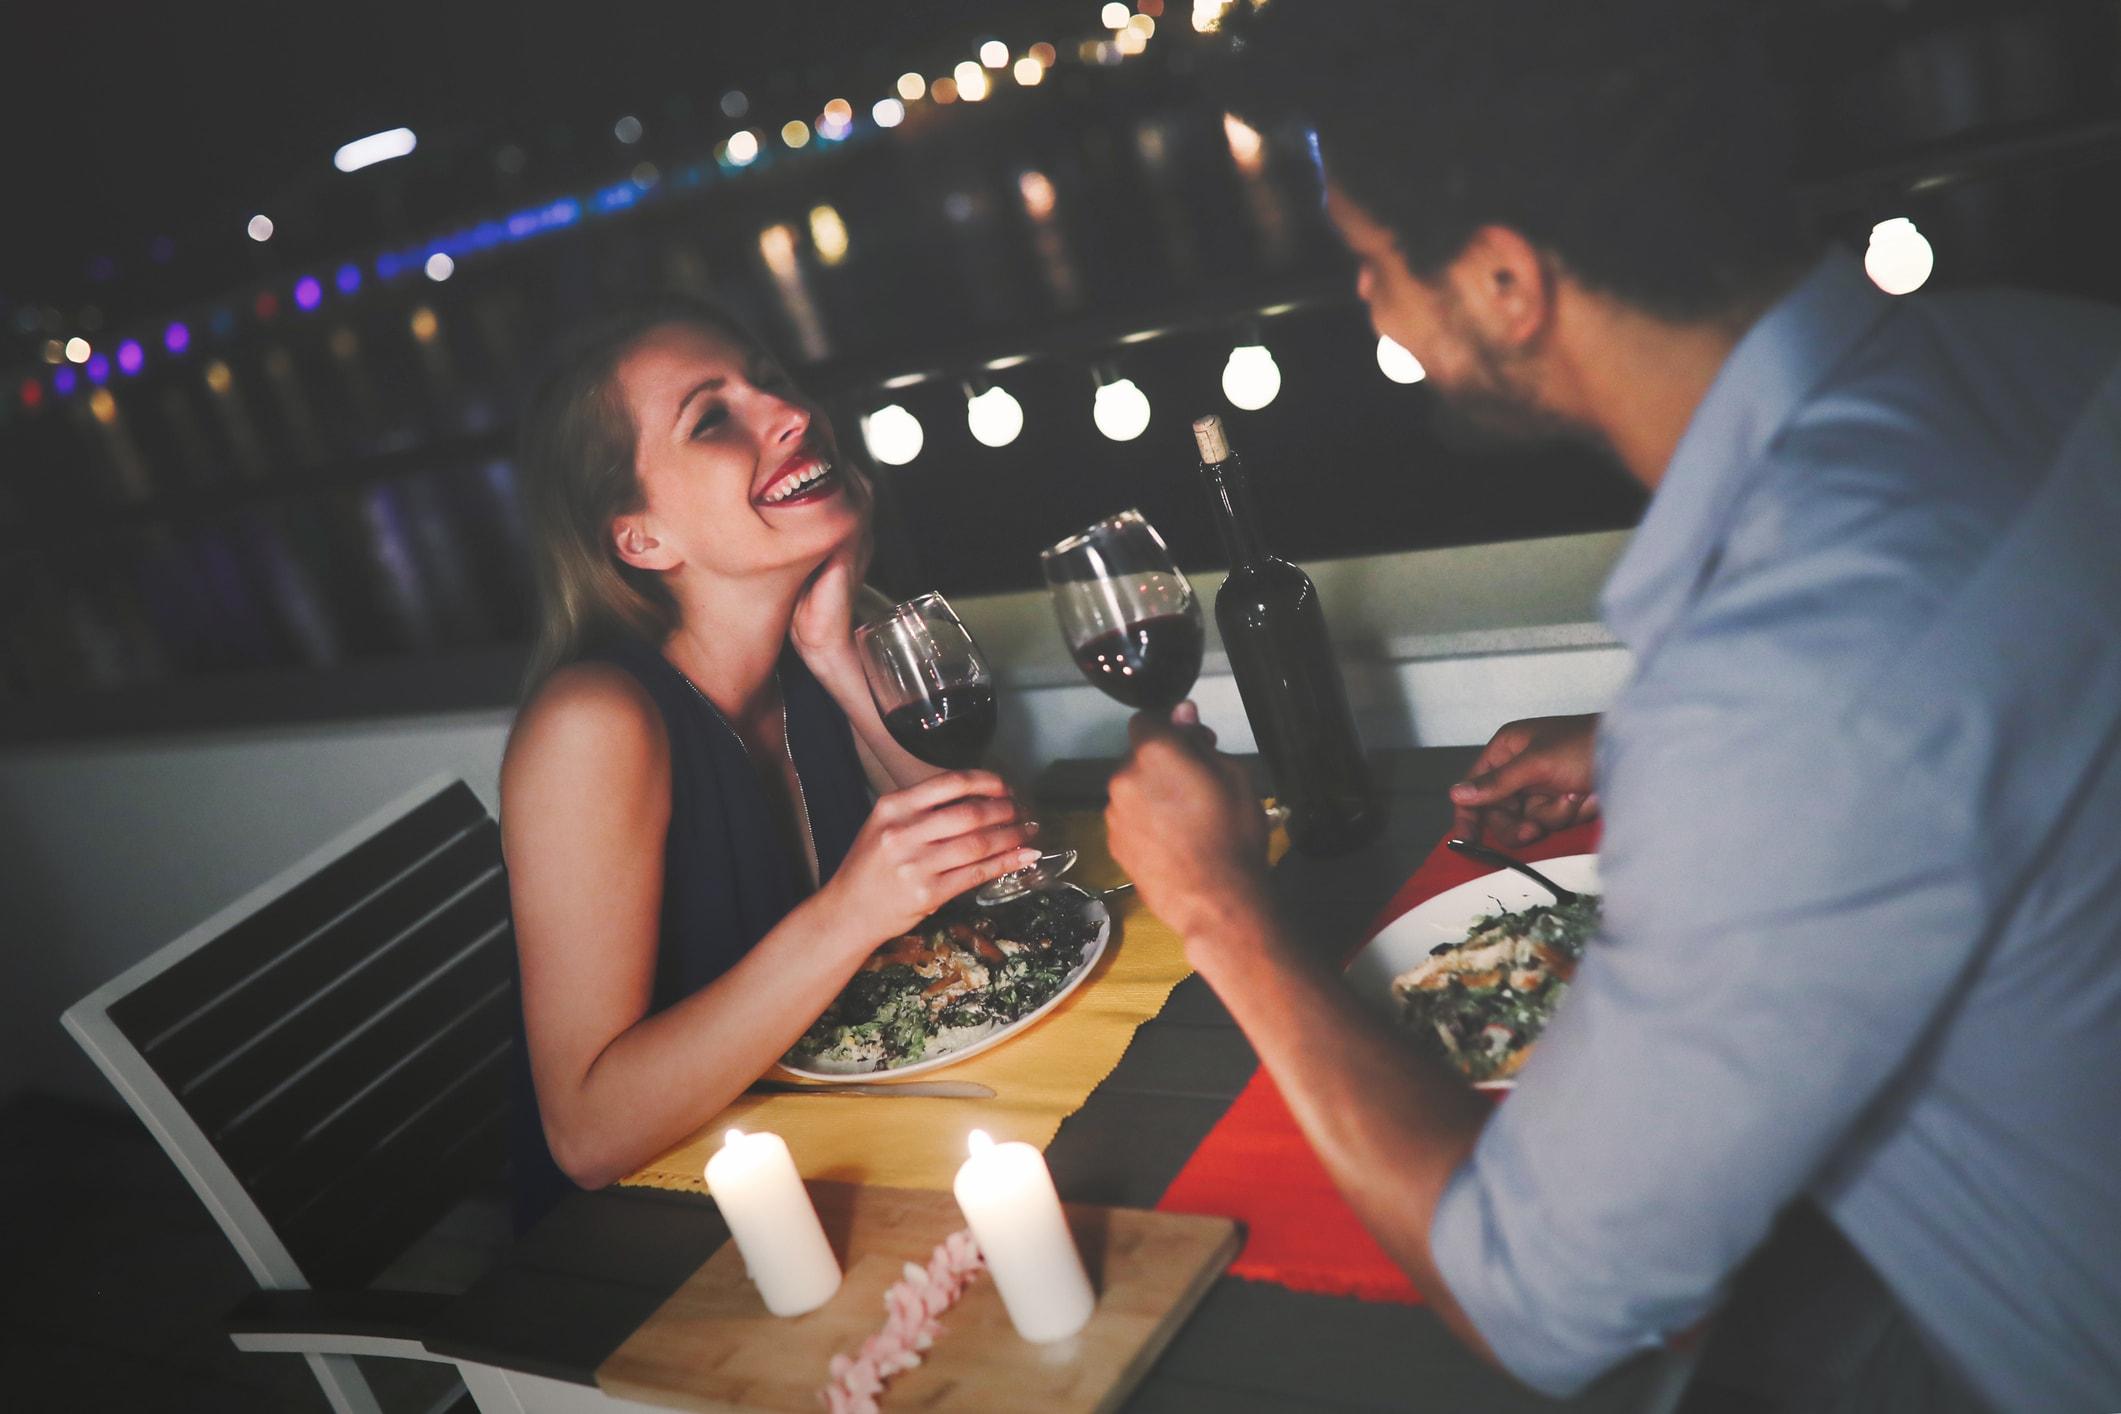 Jong mooi paar verliefd met romantisch diner 's nachts op het dak